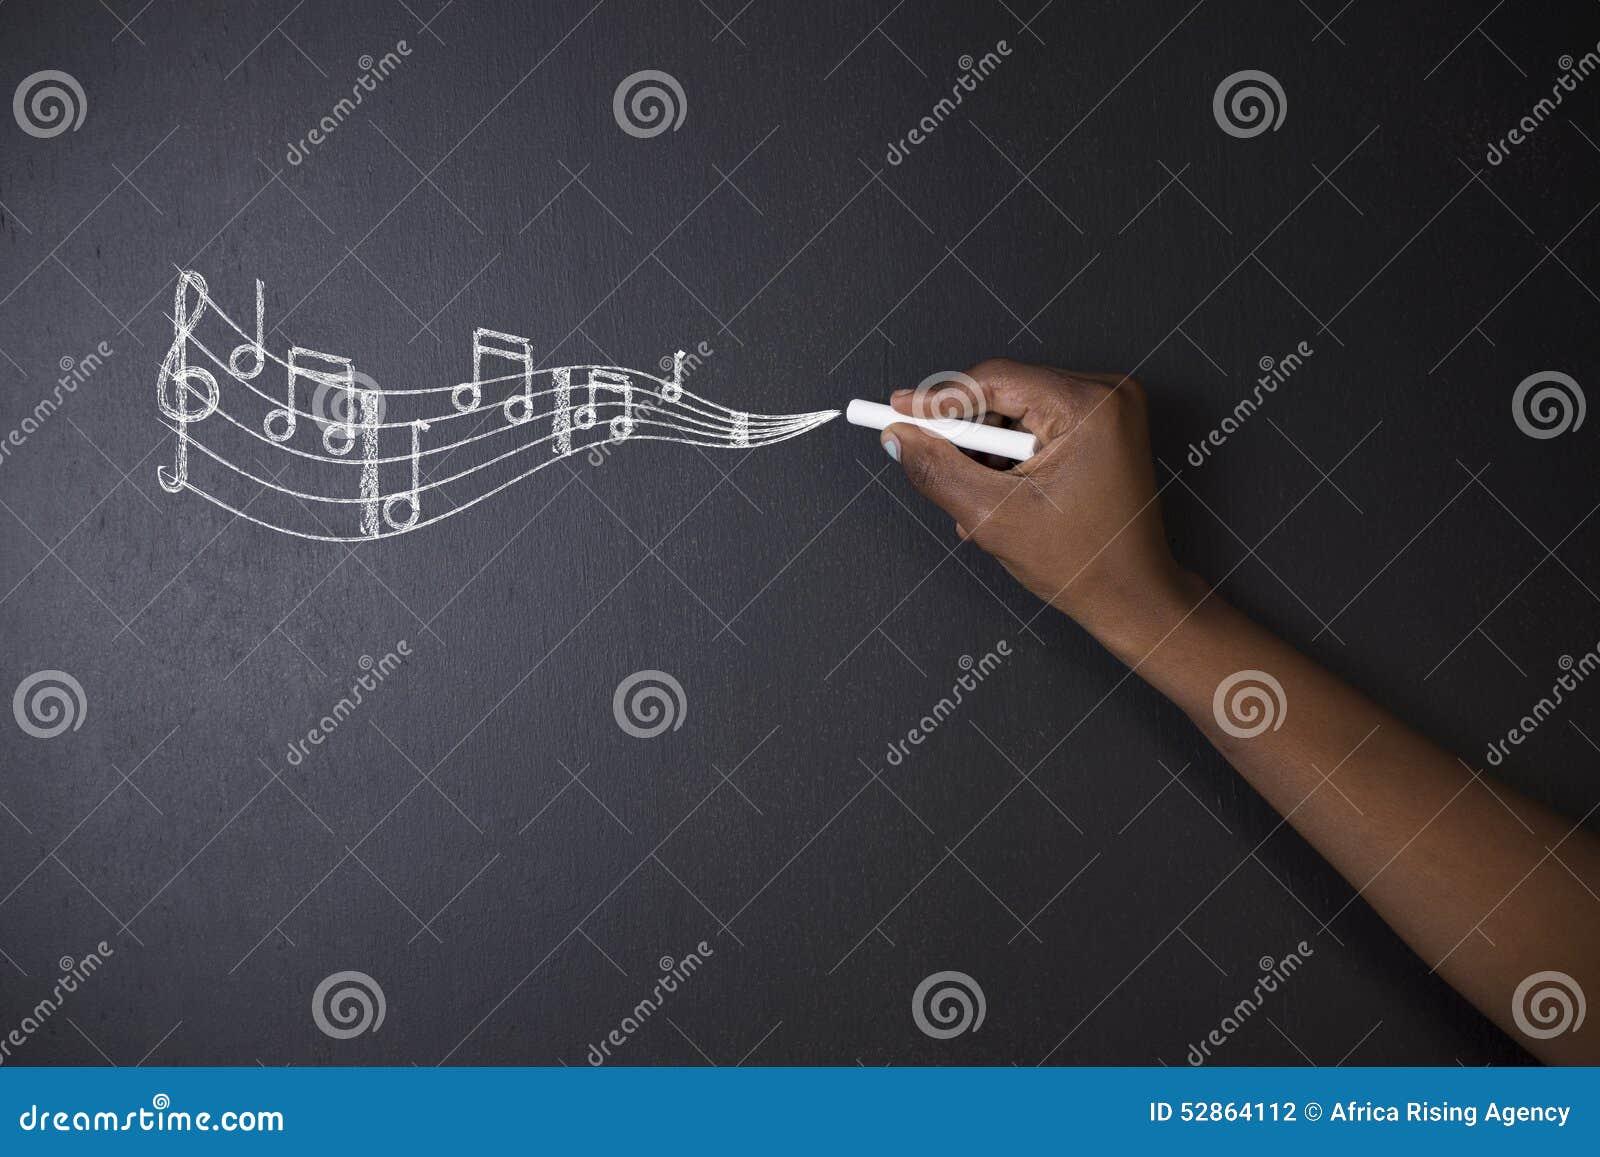 Uczy się muzycznych południe - afrykanin, amerykanina afrykańskiego pochodzenia uczeń z kredowym tłem lub nauczyciel lub